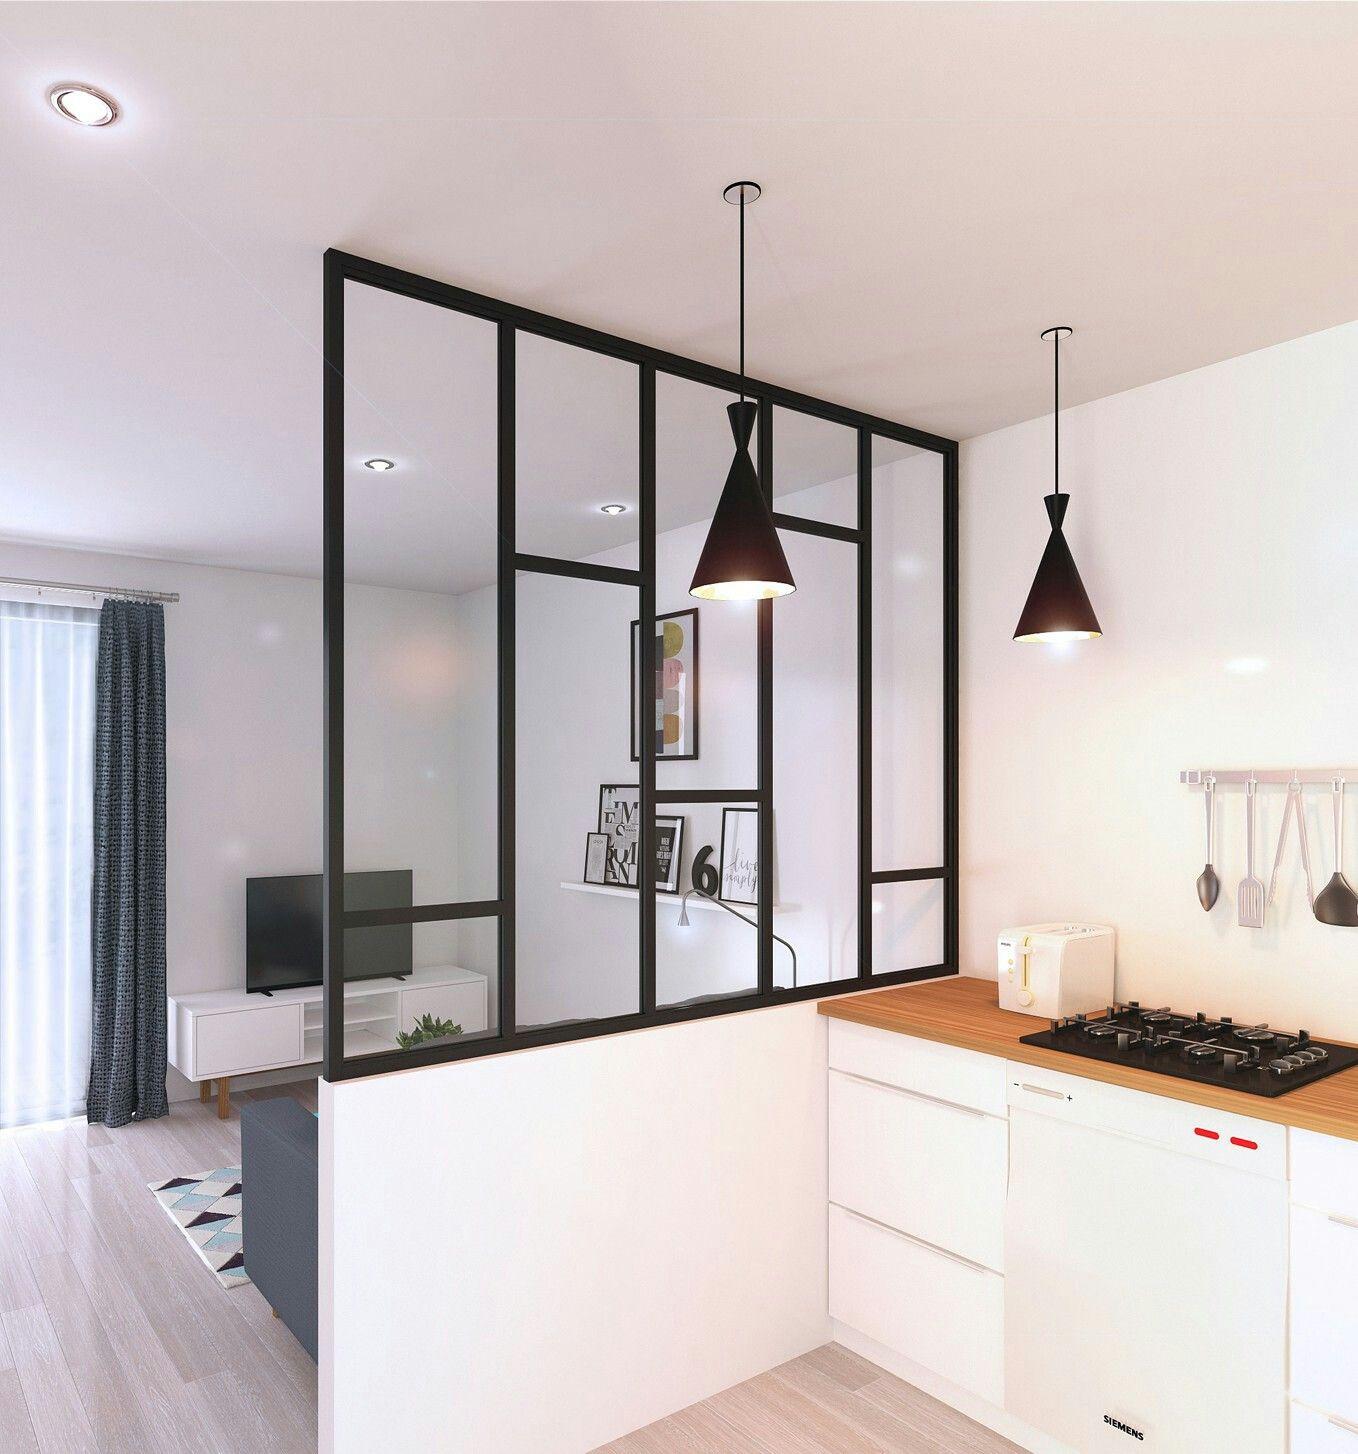 Межкомнатная перегородка между кухней и гостиной